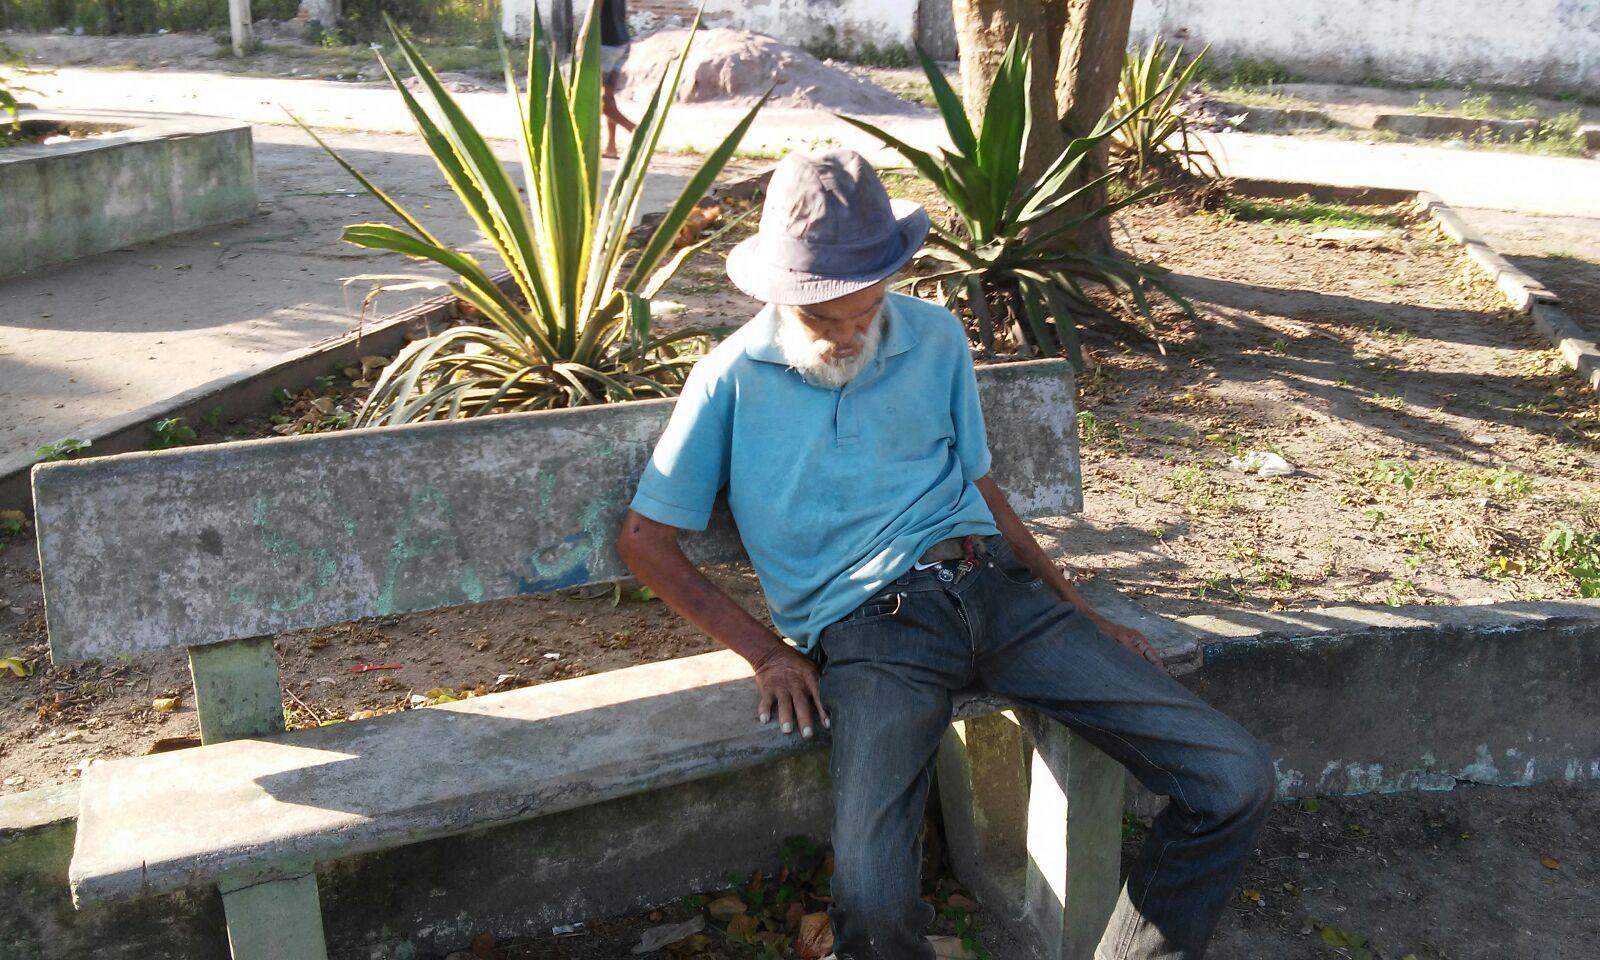 Idoso é encontrado morto sentado em banco de praça em Girau  #3A7491 1600x960 Banco Para Banheiro De Idoso